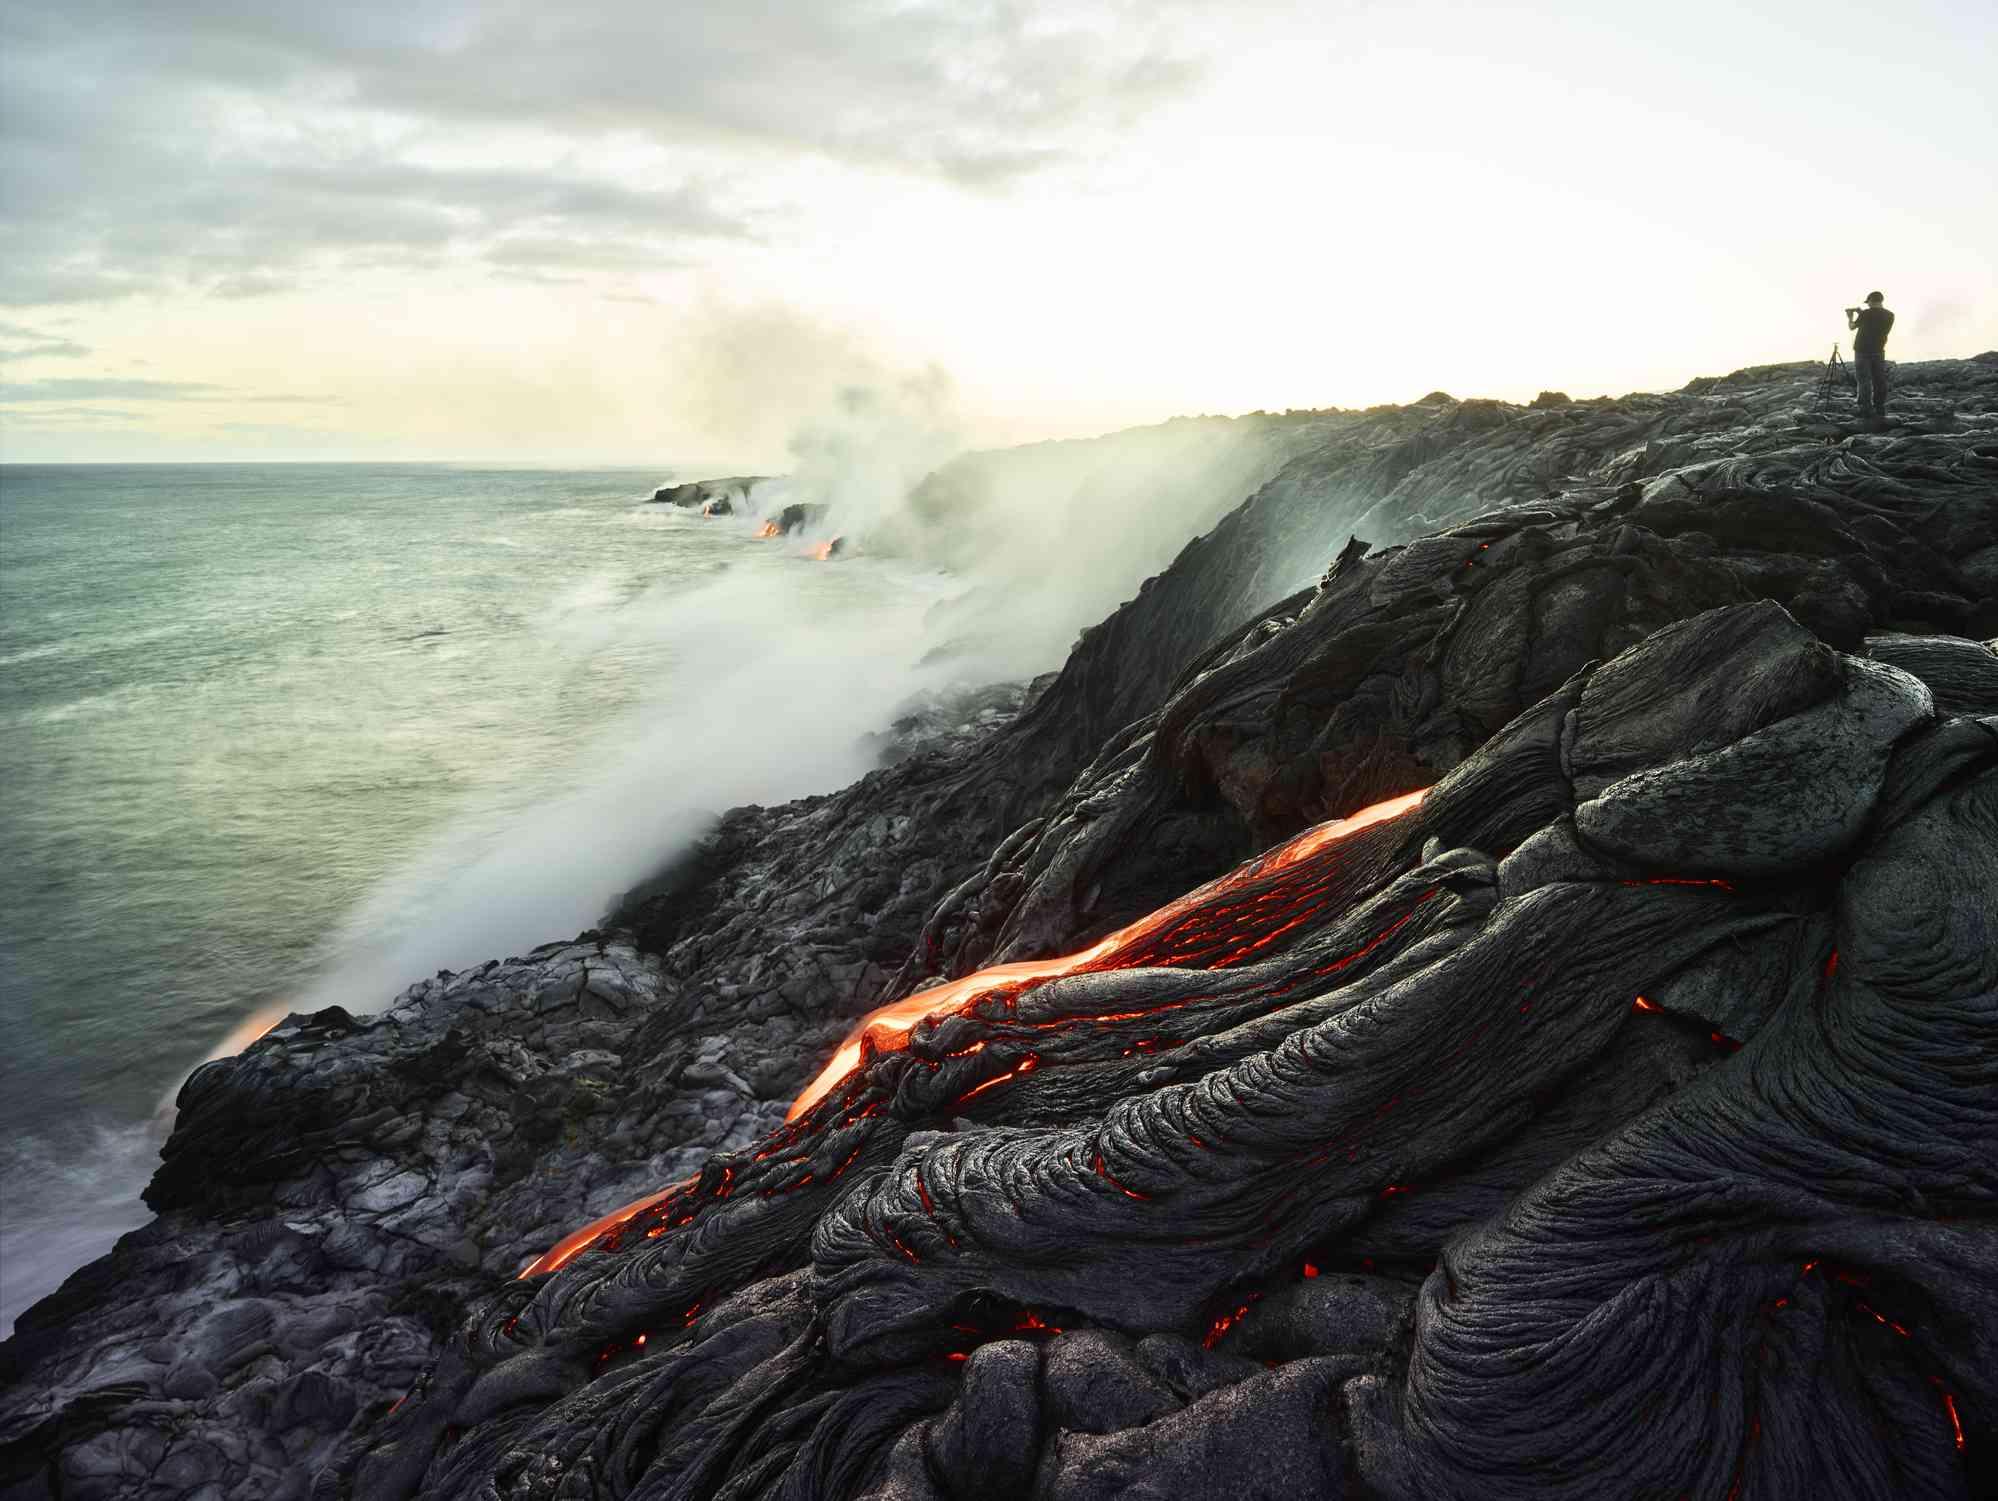 Hawai'i Volcanoes National Park on Big Island